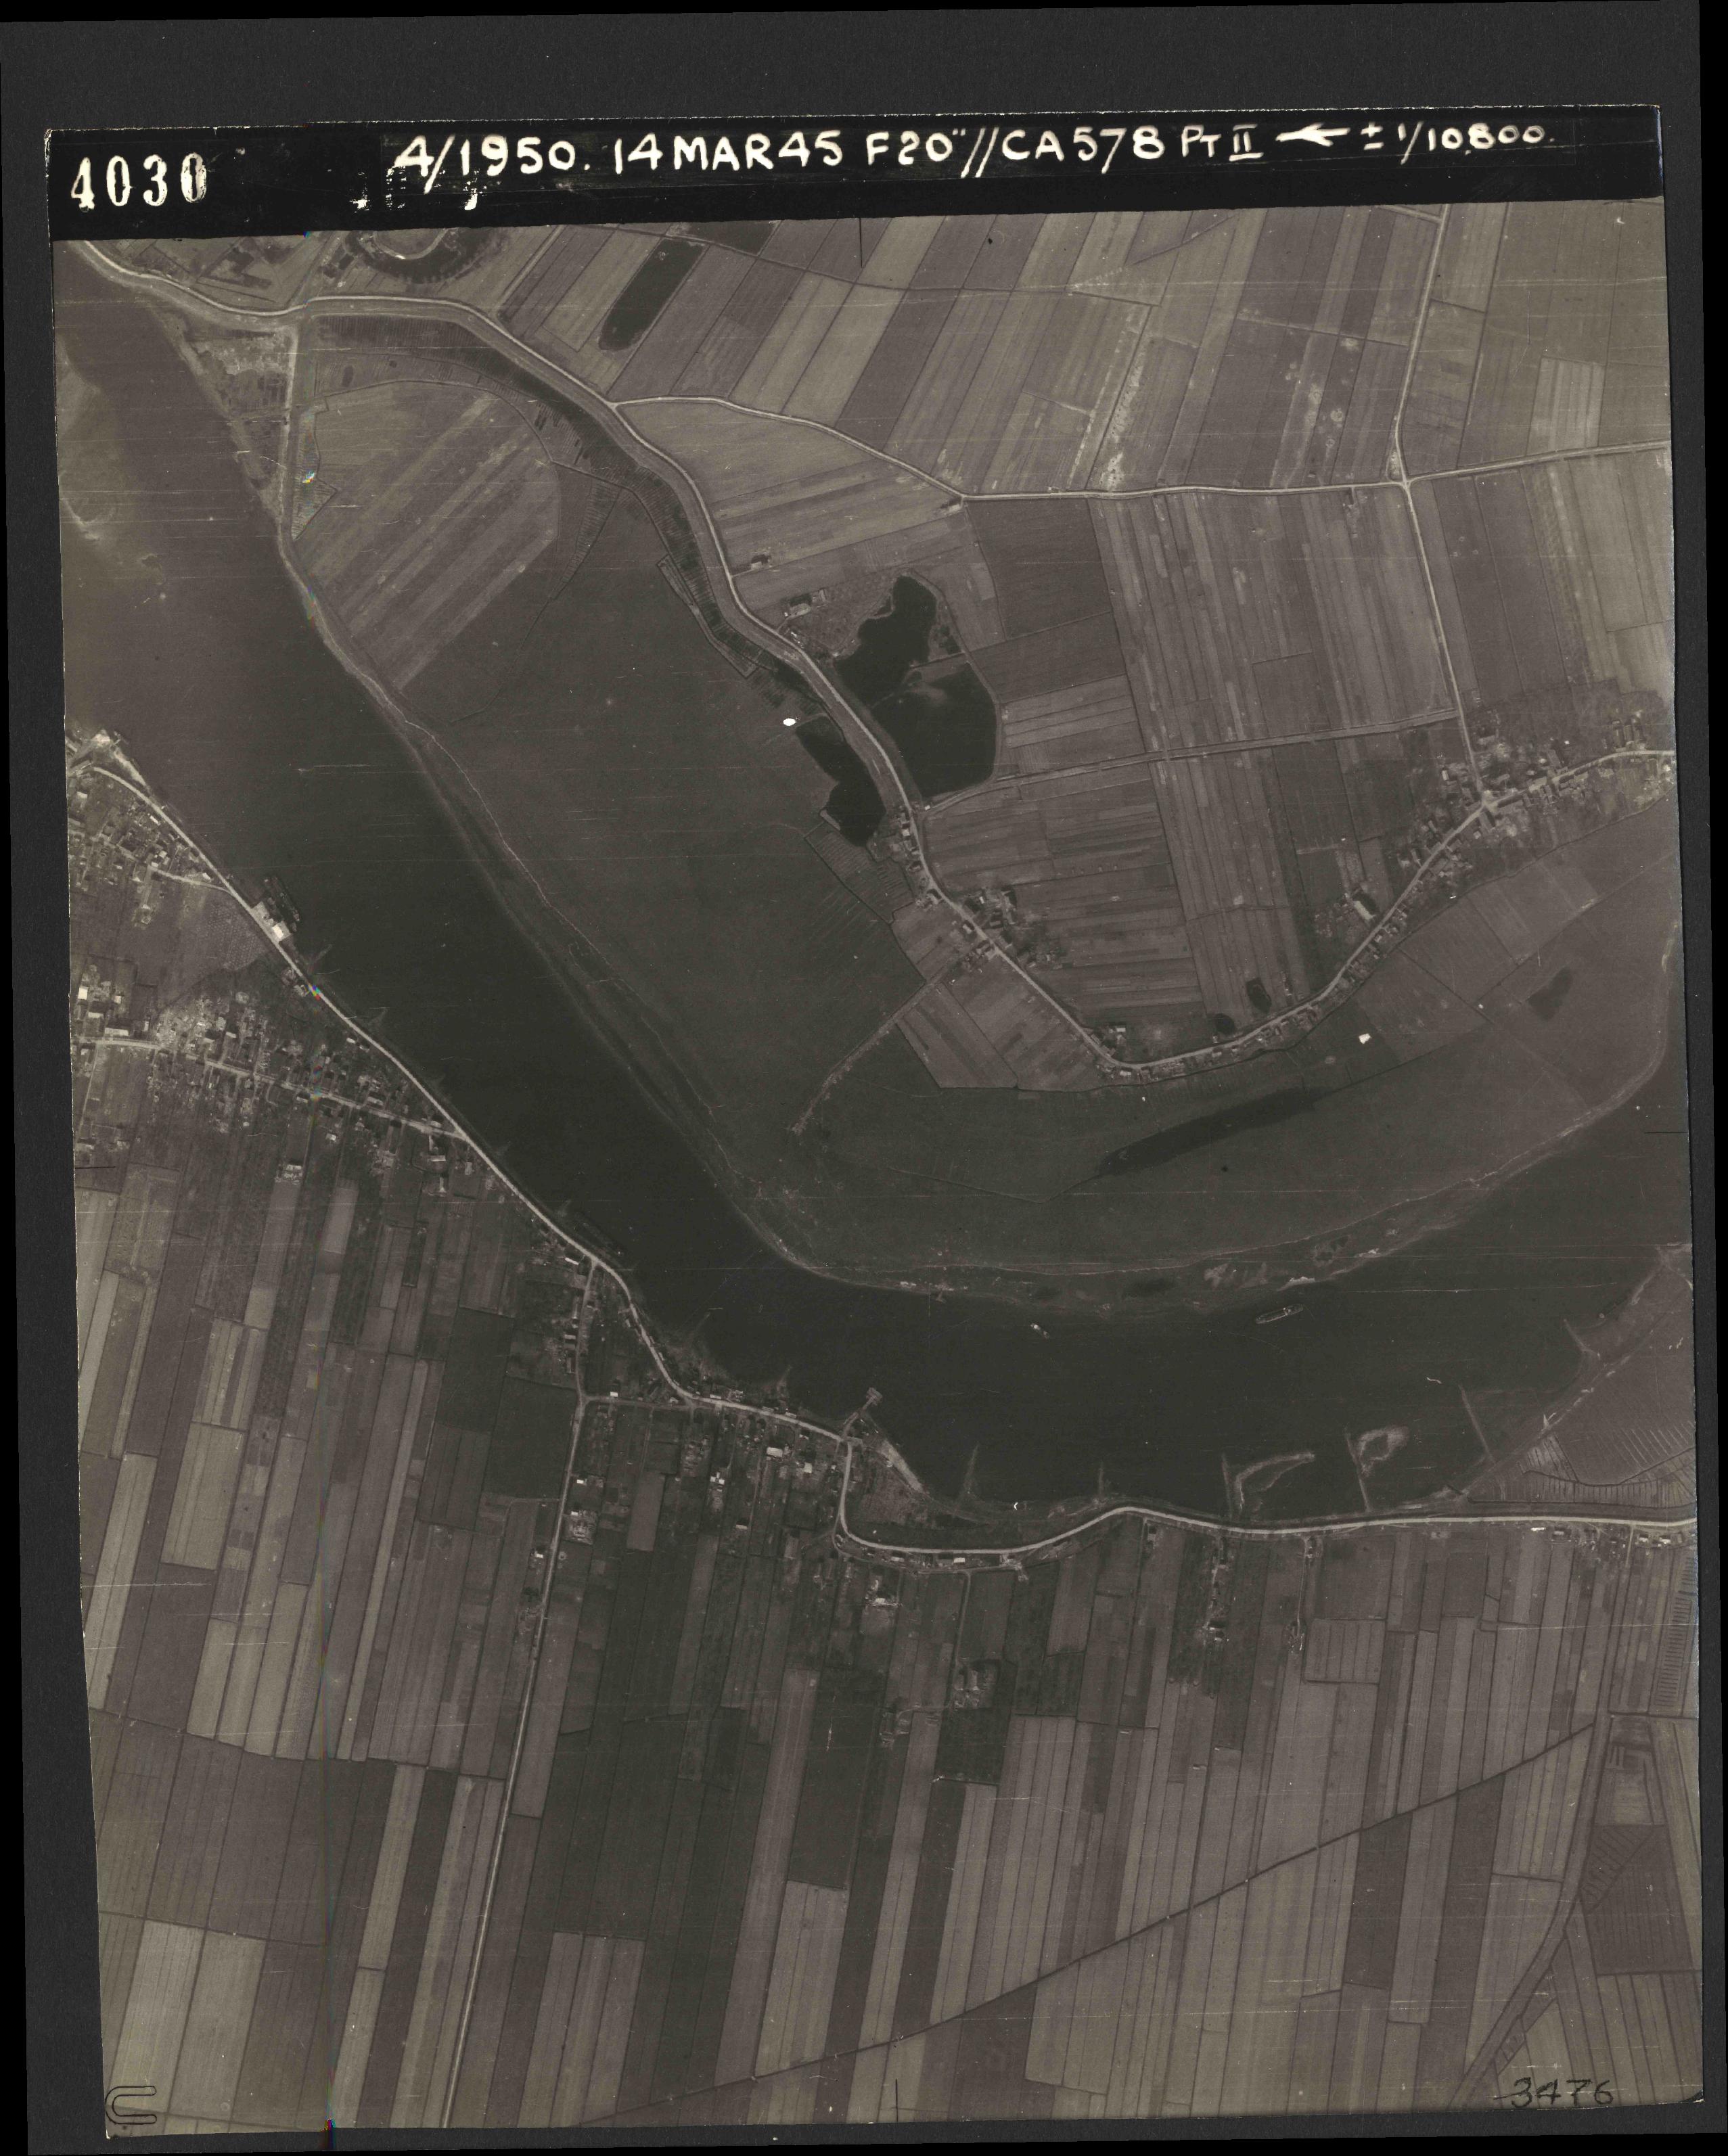 Collection RAF aerial photos 1940-1945 - flight 010, run 02, photo 4030